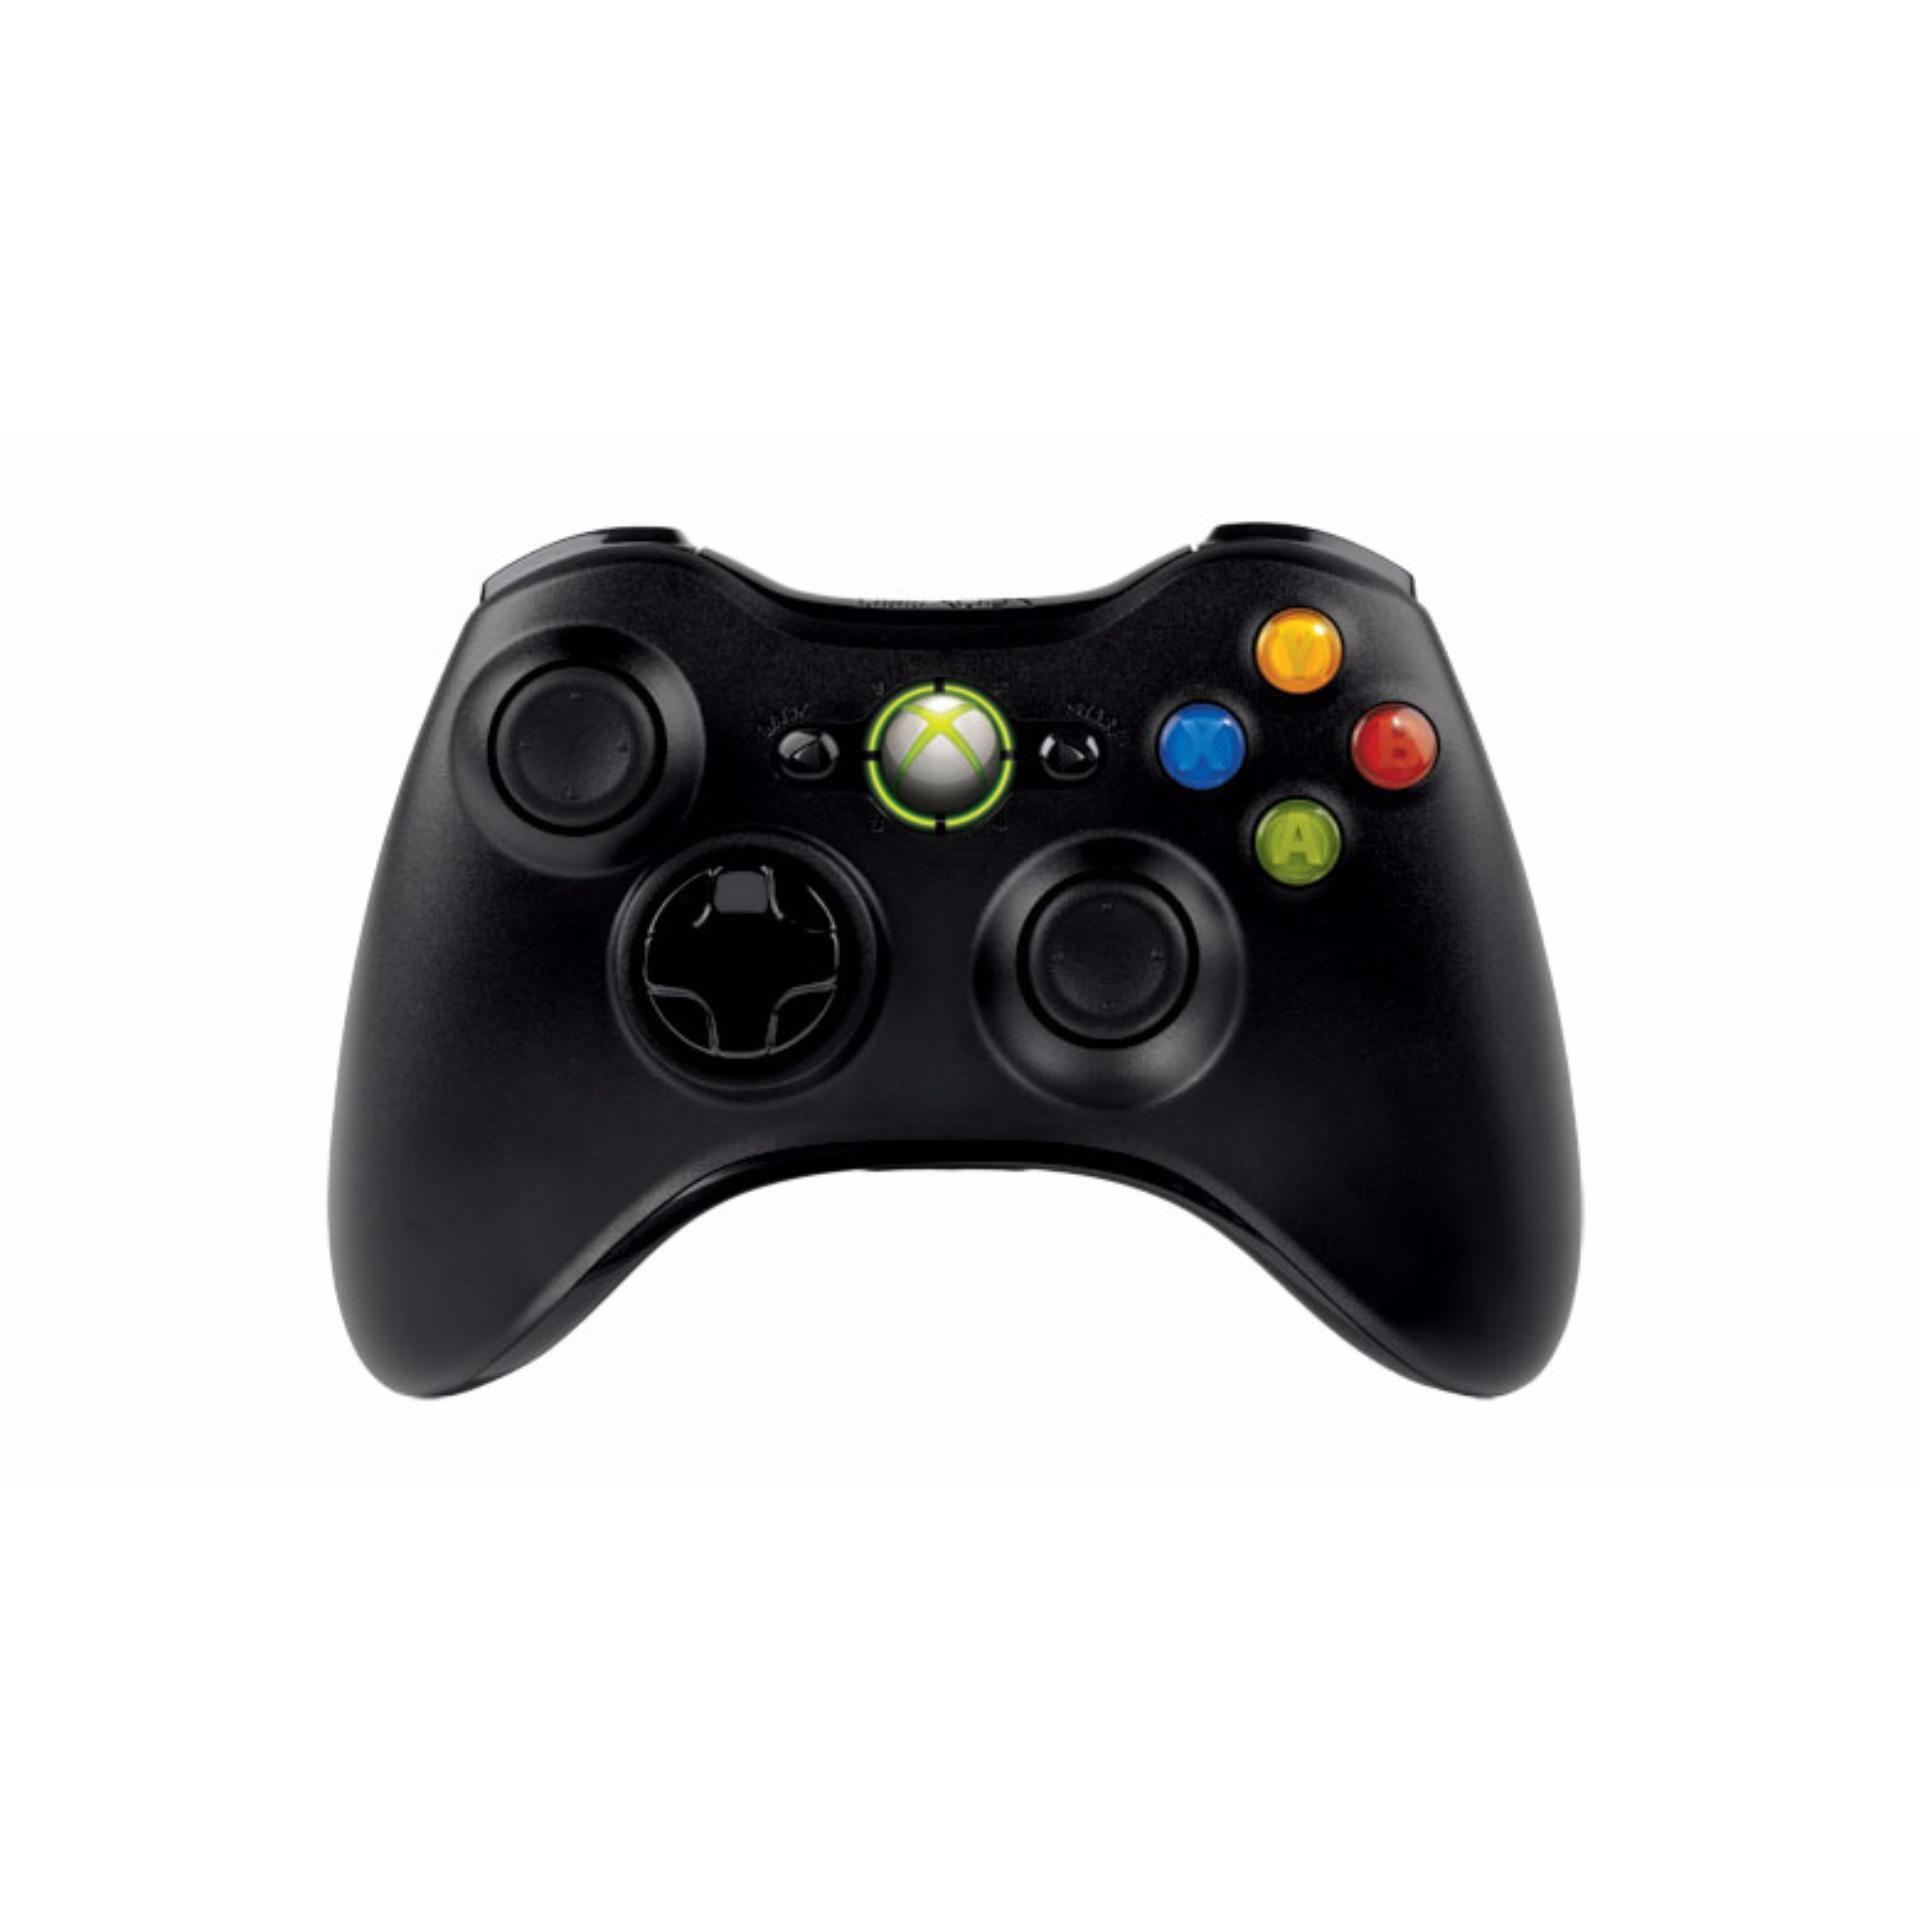 Bảng Báo Giá Tay cầm chơi game Xbox 360 Không Dây (Đen)